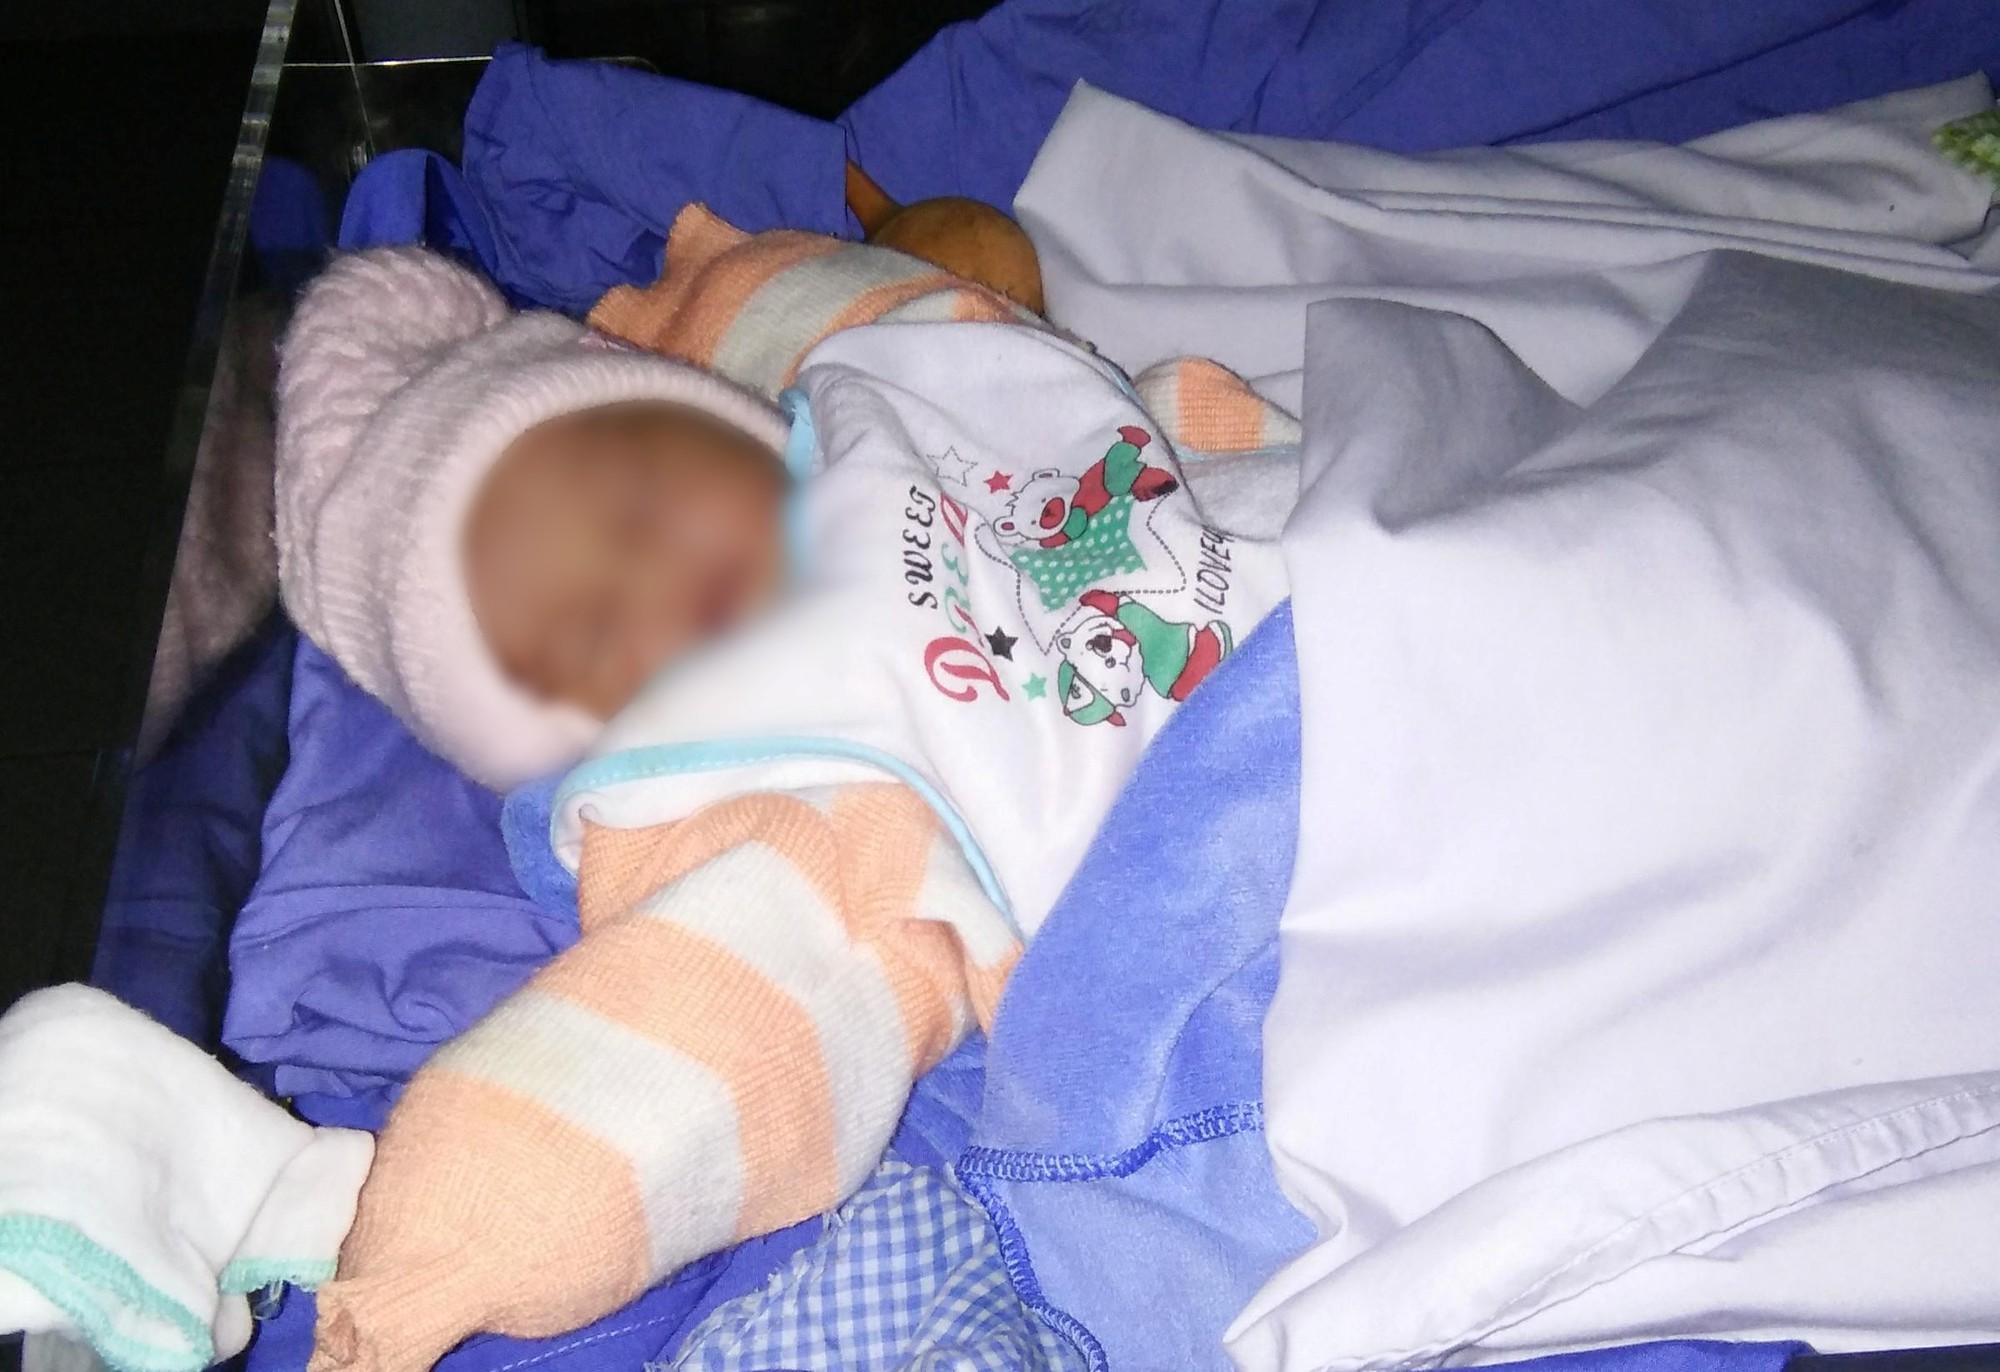 Bé gái sơ sinh bị người mẹ 23 tuổi bỏ rơi tại bệnh viện ngày Tết - Ảnh 1.